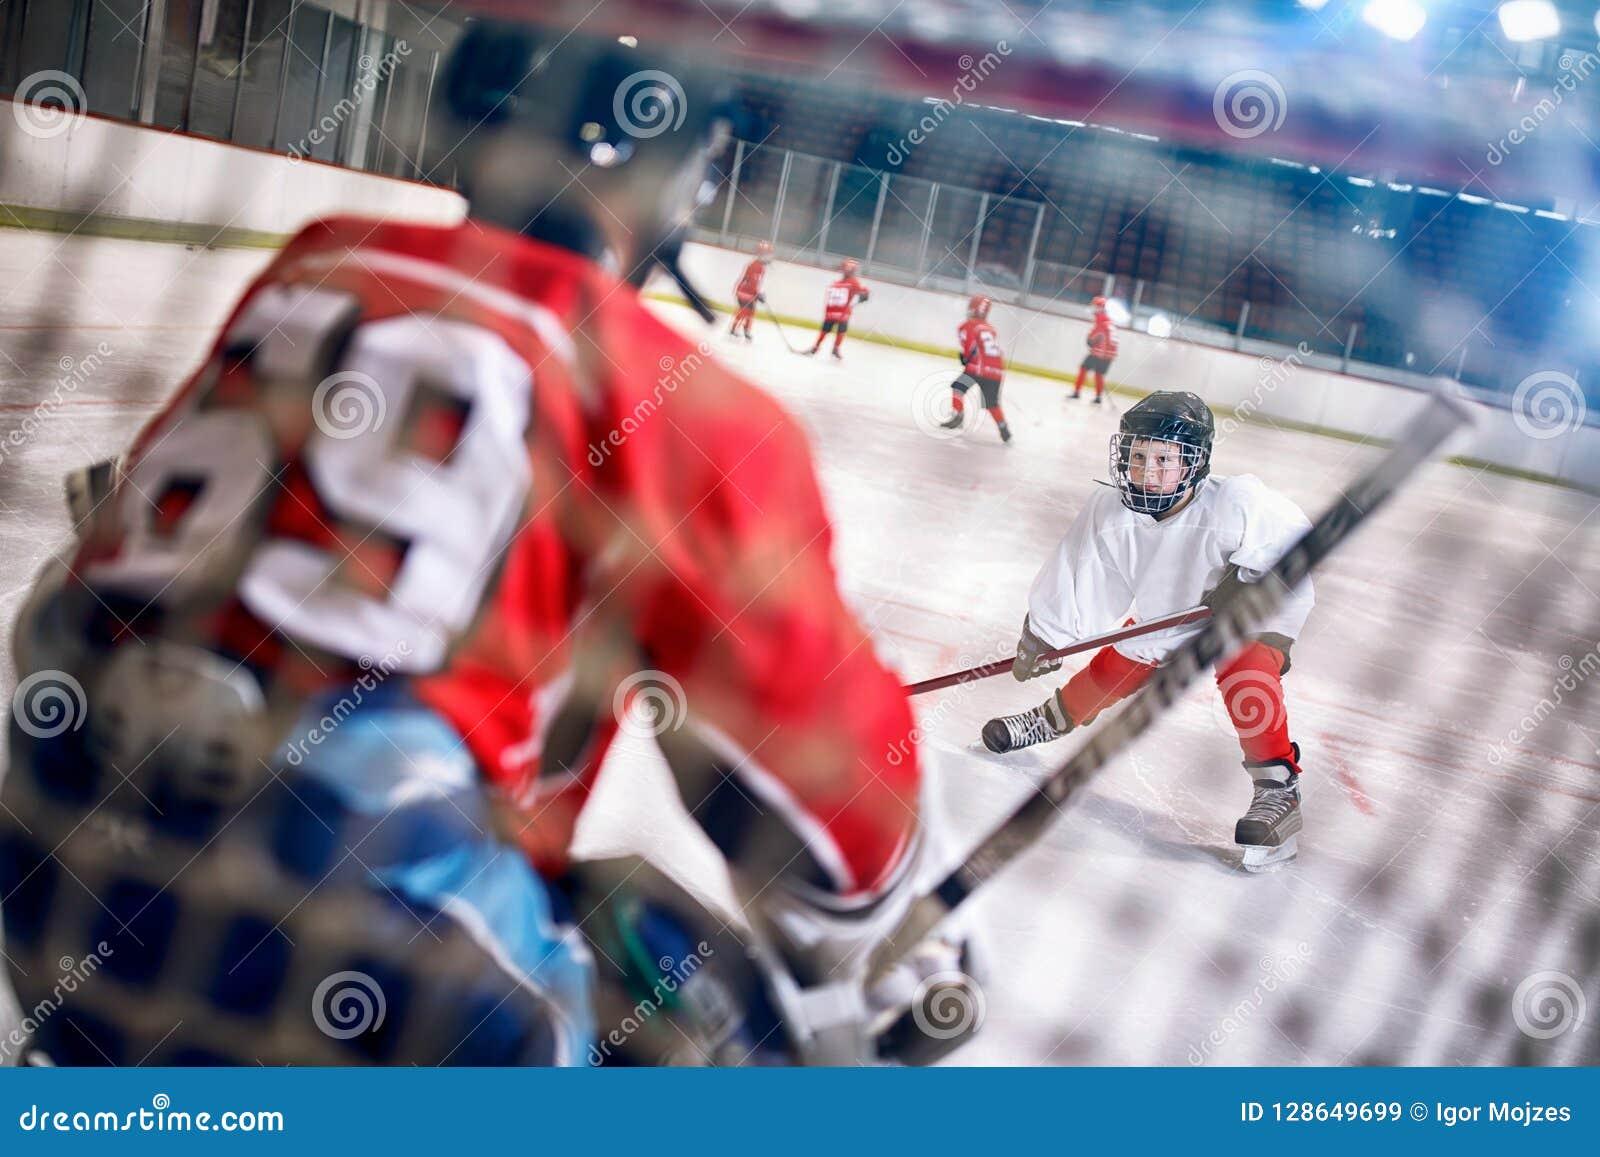 Le match d hockey au joueur de piste attaque le gardien de but